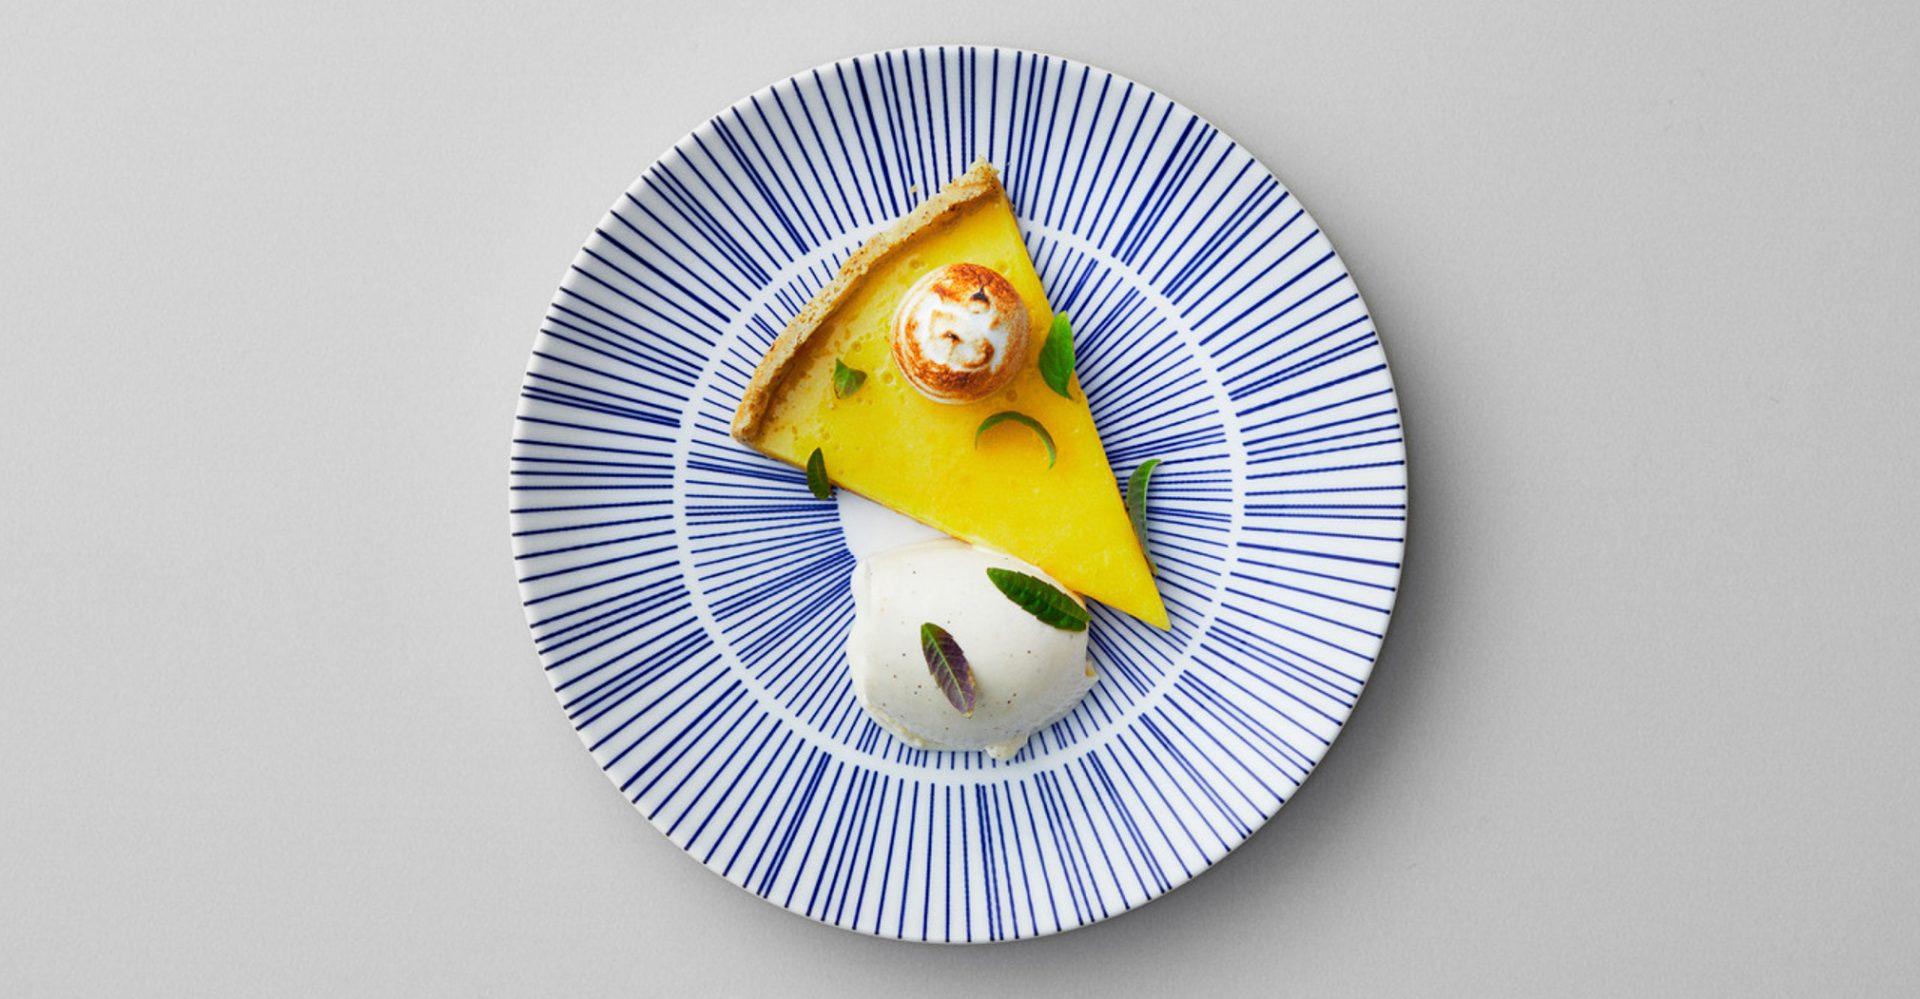 Den gemte baggård: Bernth & Co åbner ny restaurant i Latinerkvarteret